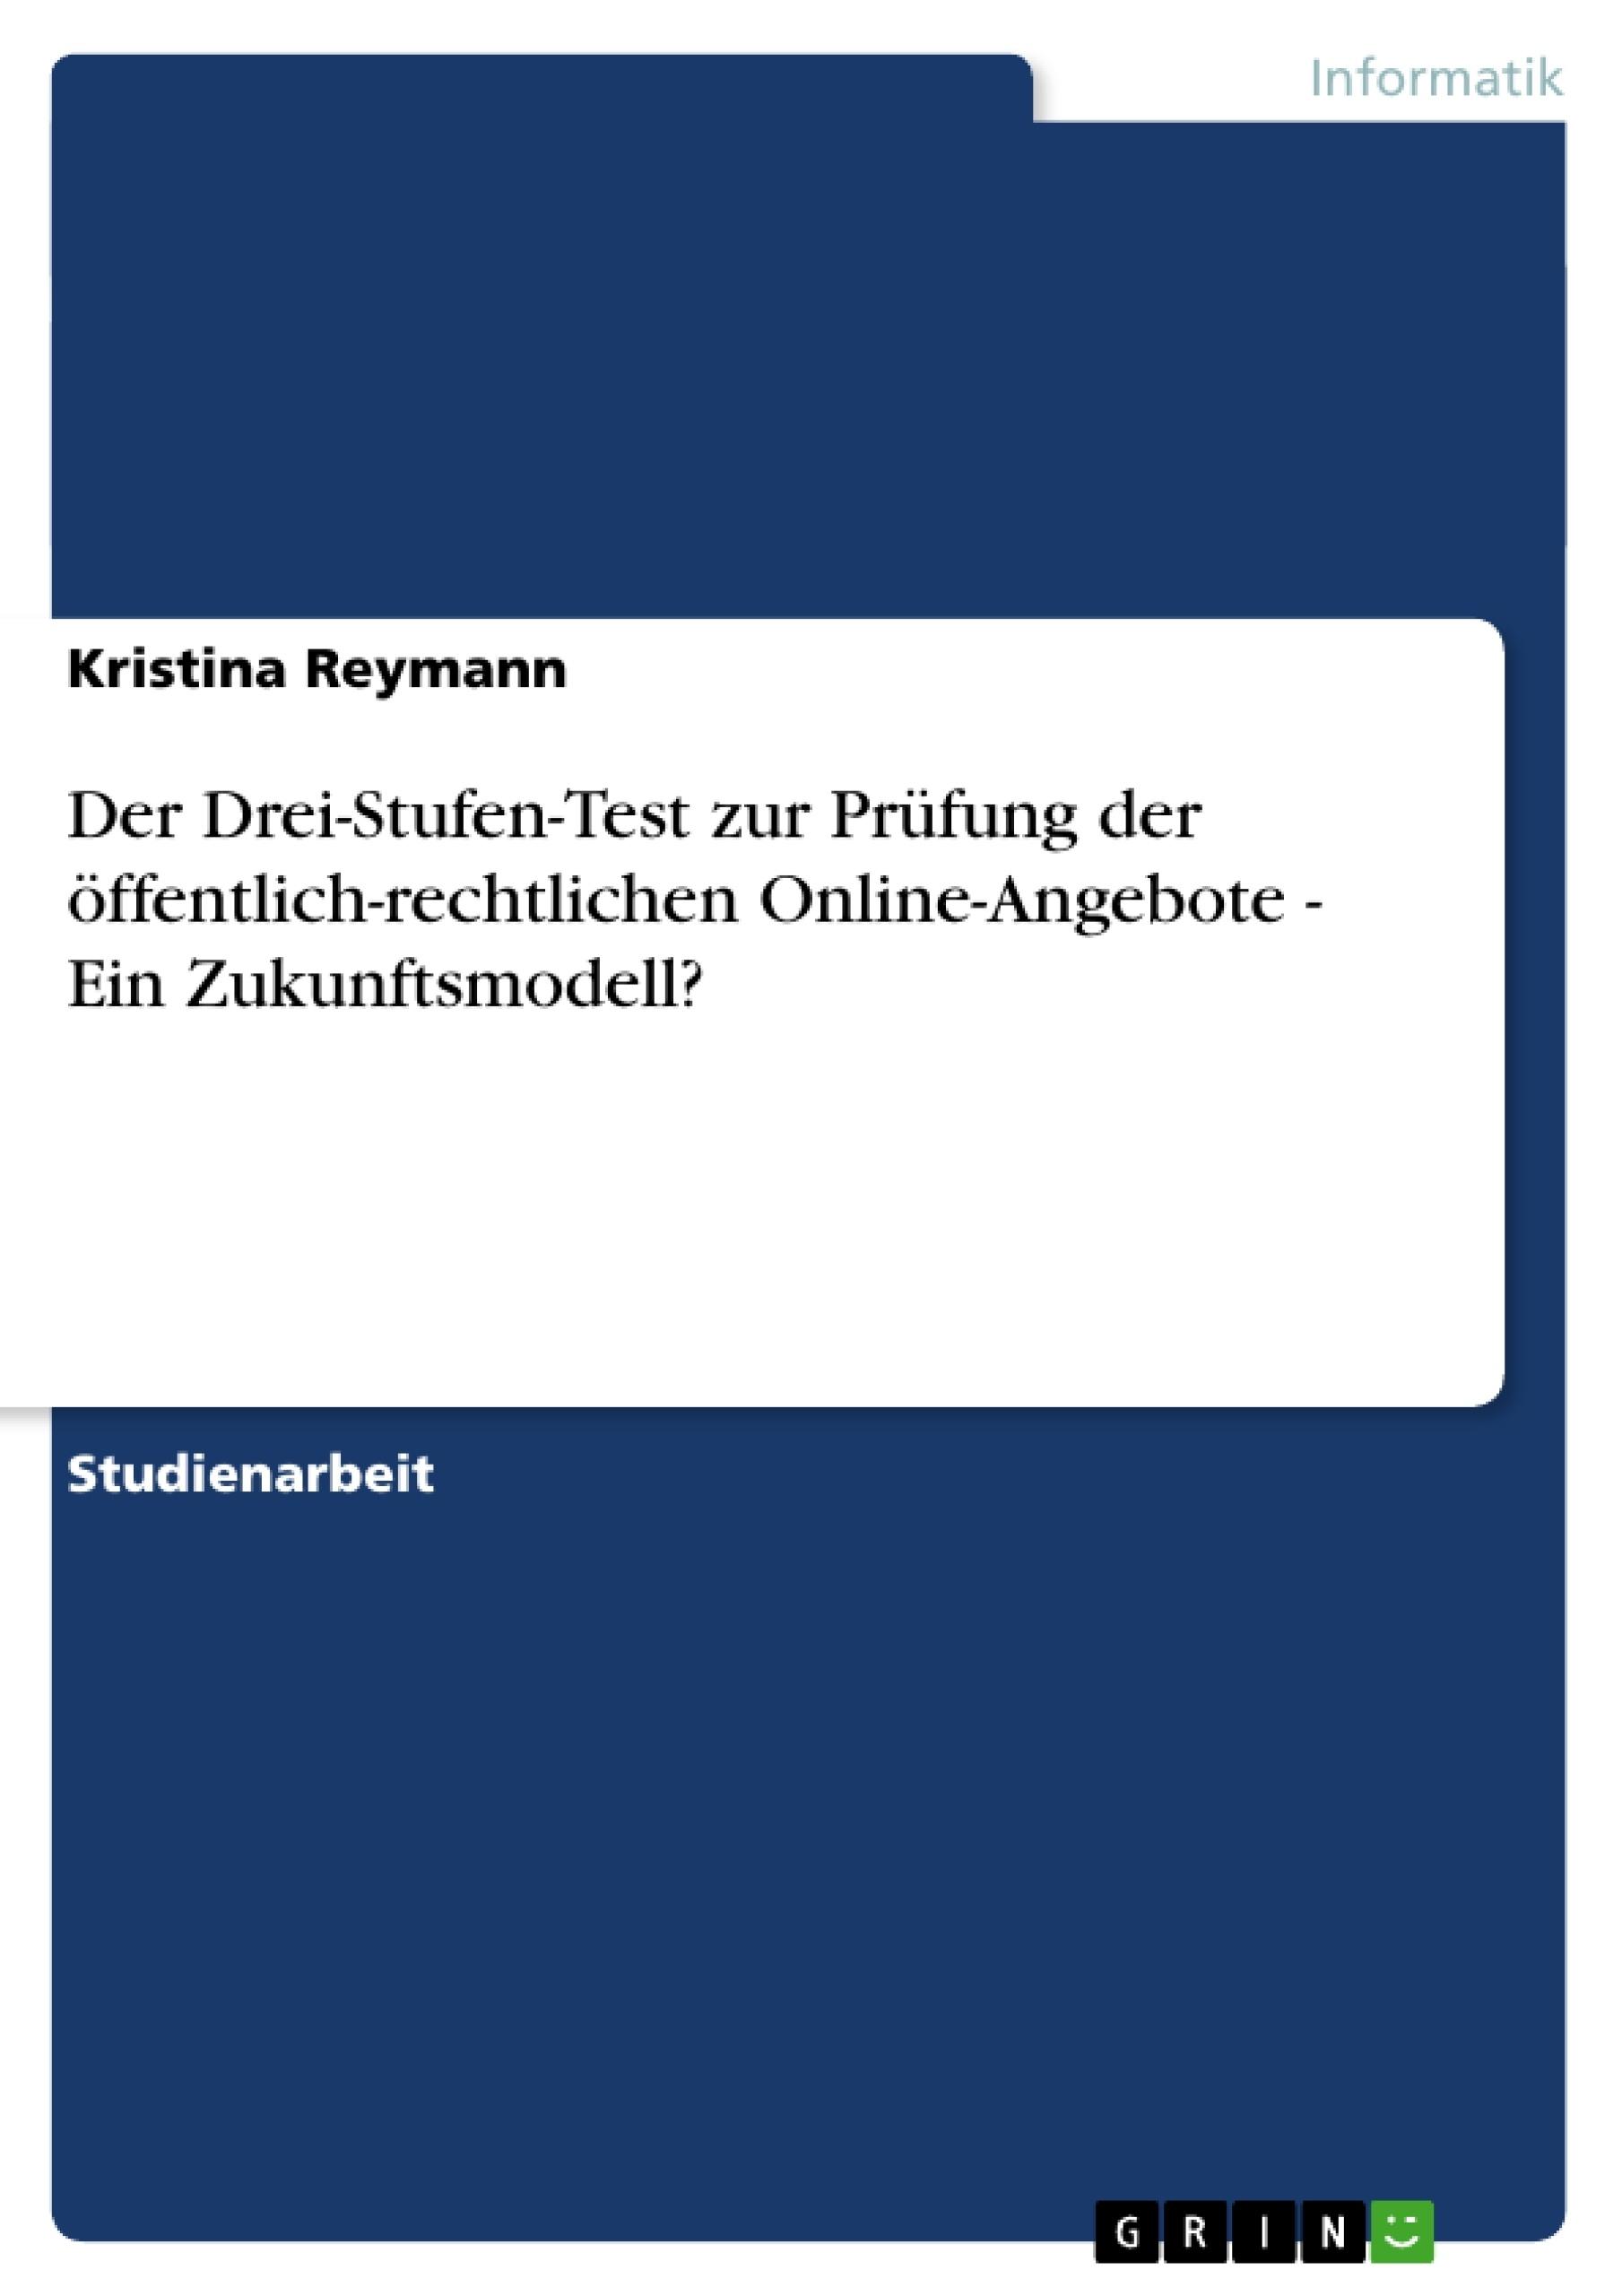 Titel: Der Drei-Stufen-Test zur Prüfung der öffentlich-rechtlichen Online-Angebote - Ein Zukunftsmodell?